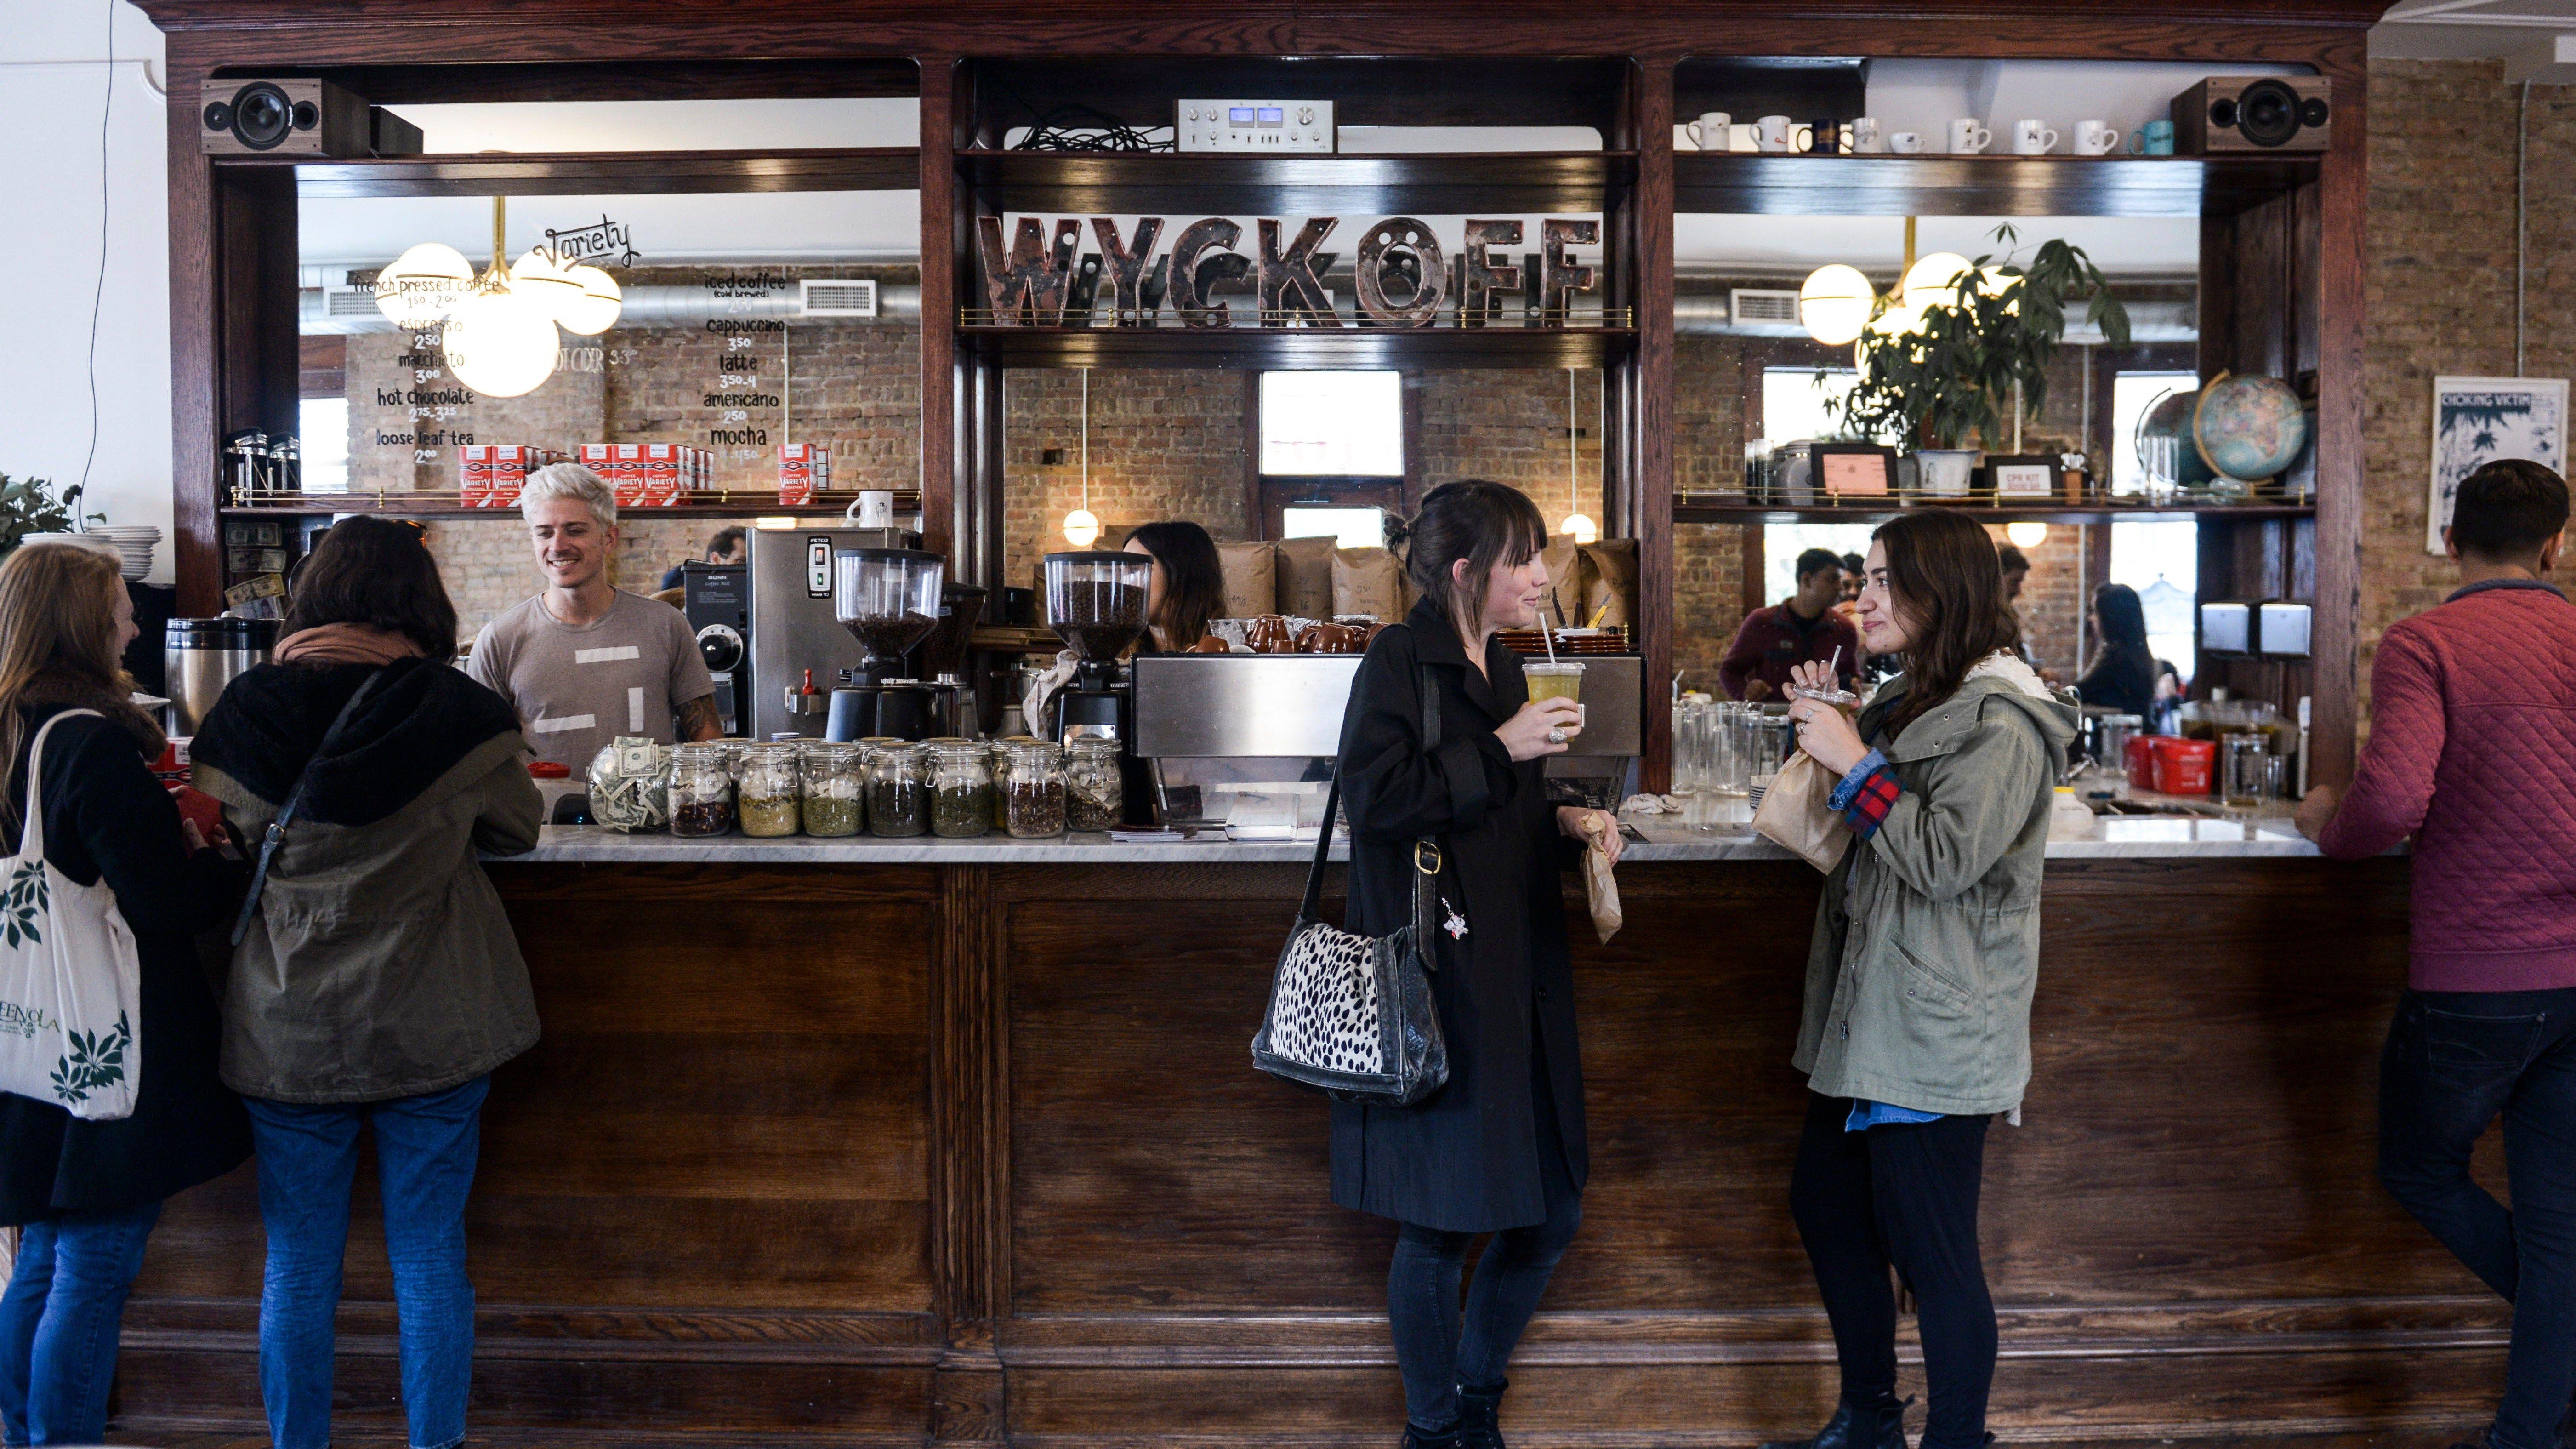 11+ Variety coffee roasters williamsburg ideas